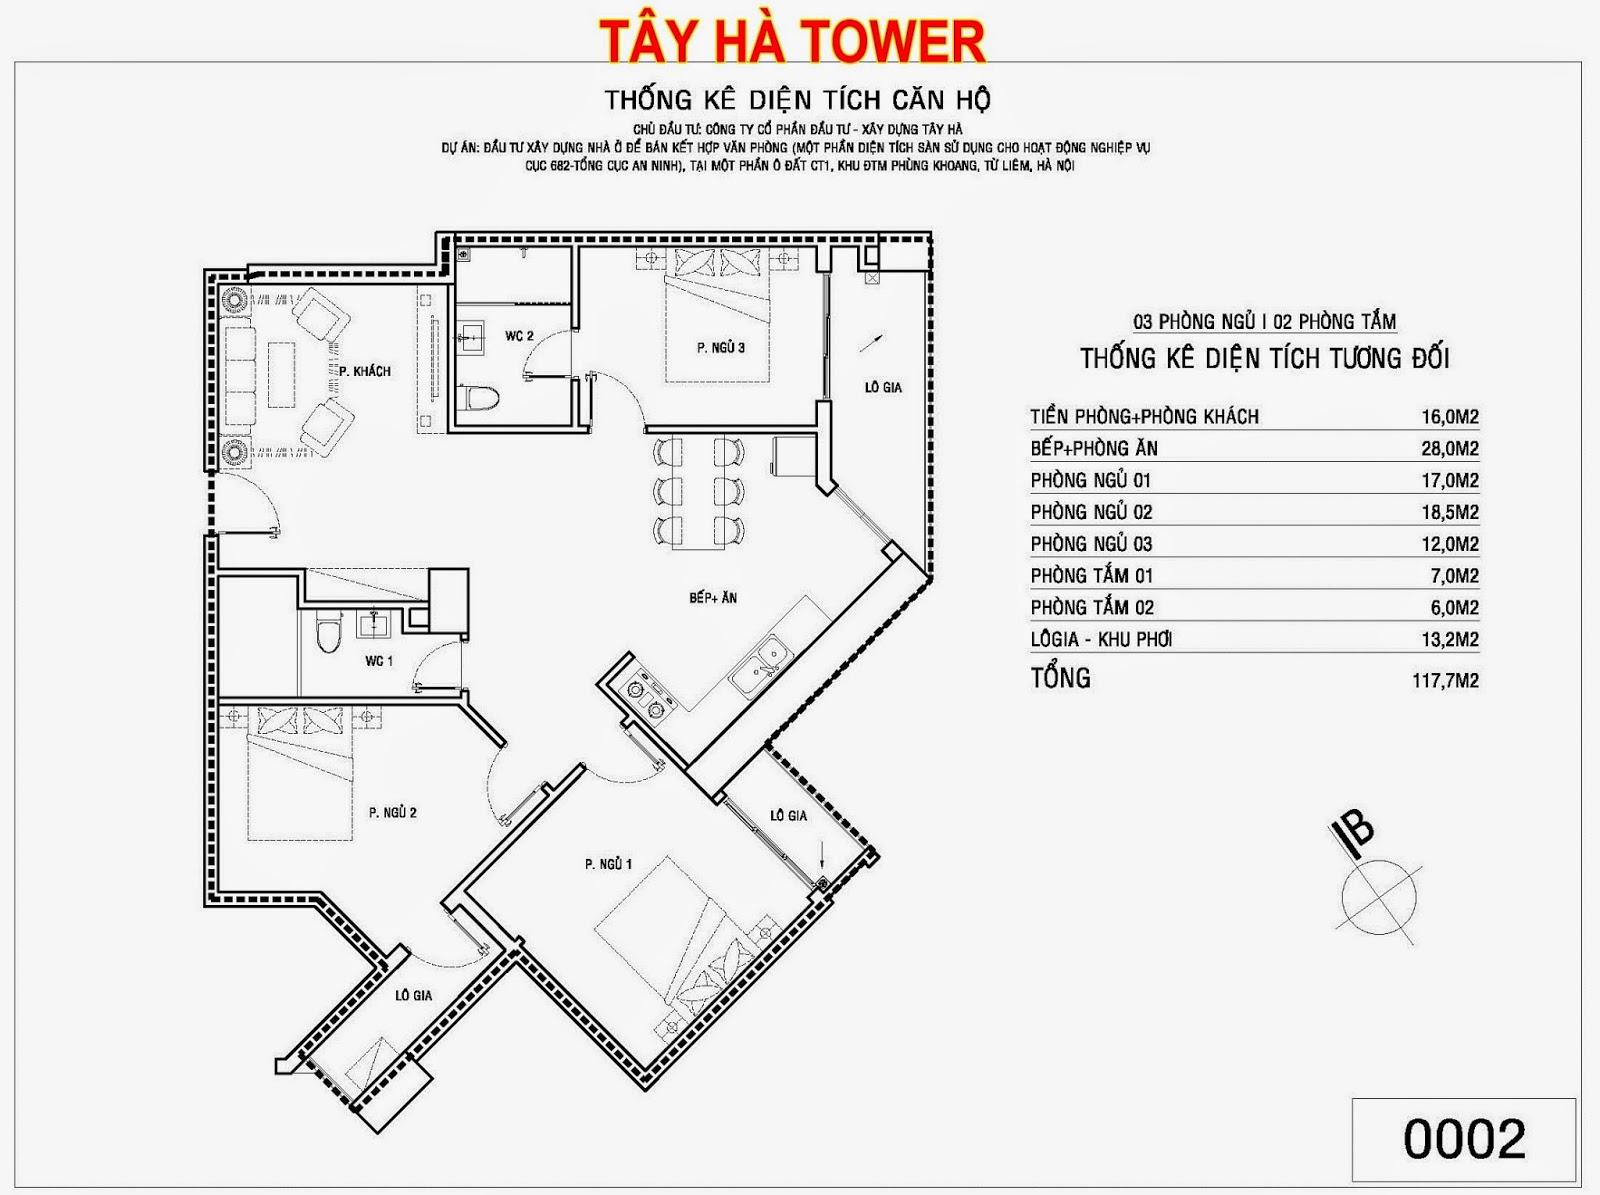 Căn hộ số 2 chung cư Tây Hà Tower